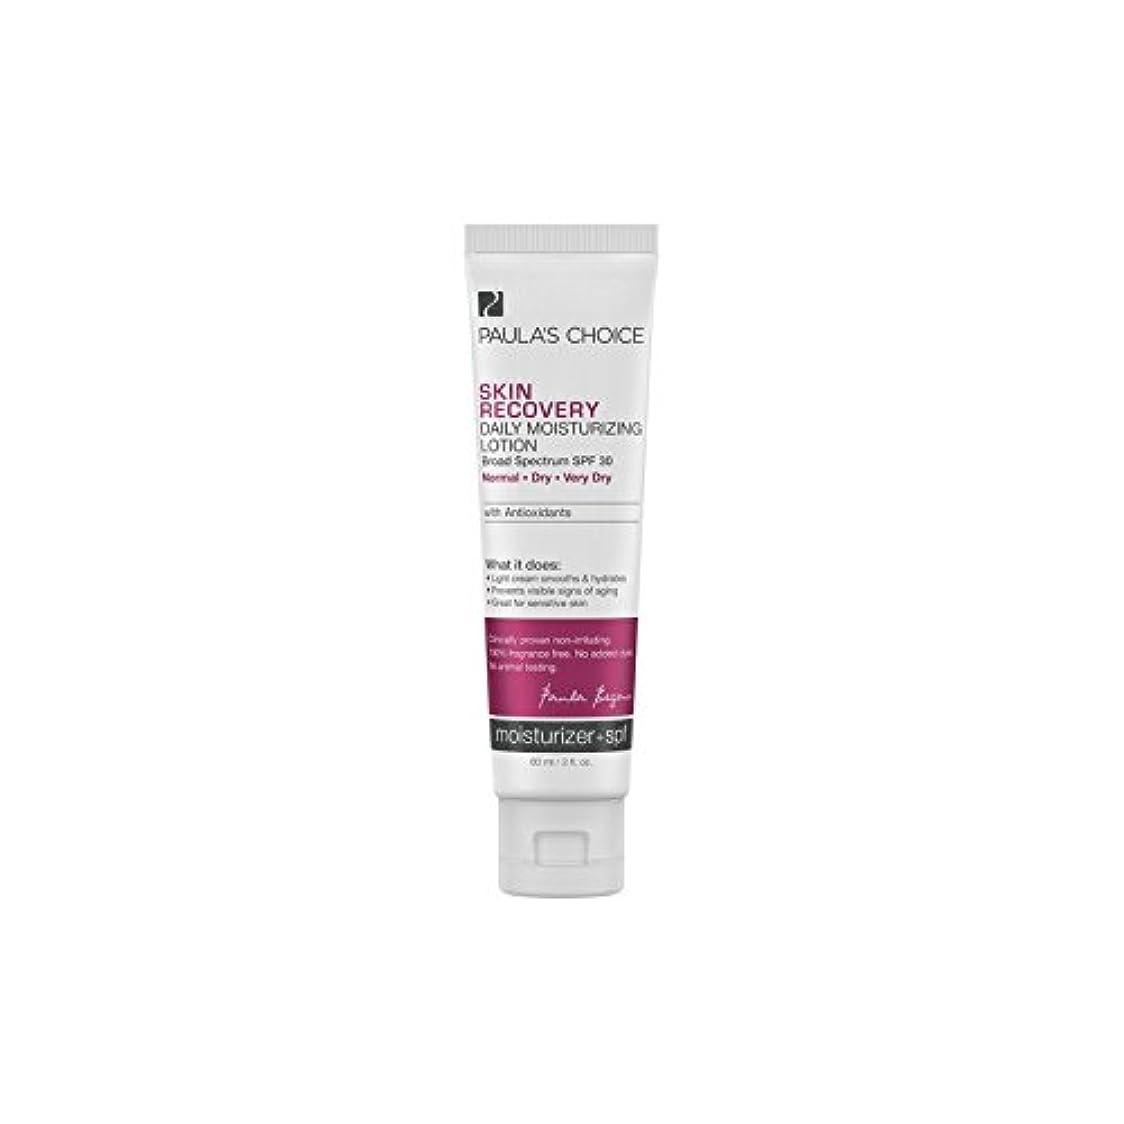 借りる官僚宅配便Paula's Choice Skin Recovery Daily Moisturizing Lotion Spf30 (60ml) - ポーラチョイスの肌の回復毎日の保湿ローション30(60ミリリットル) [並行輸入品]